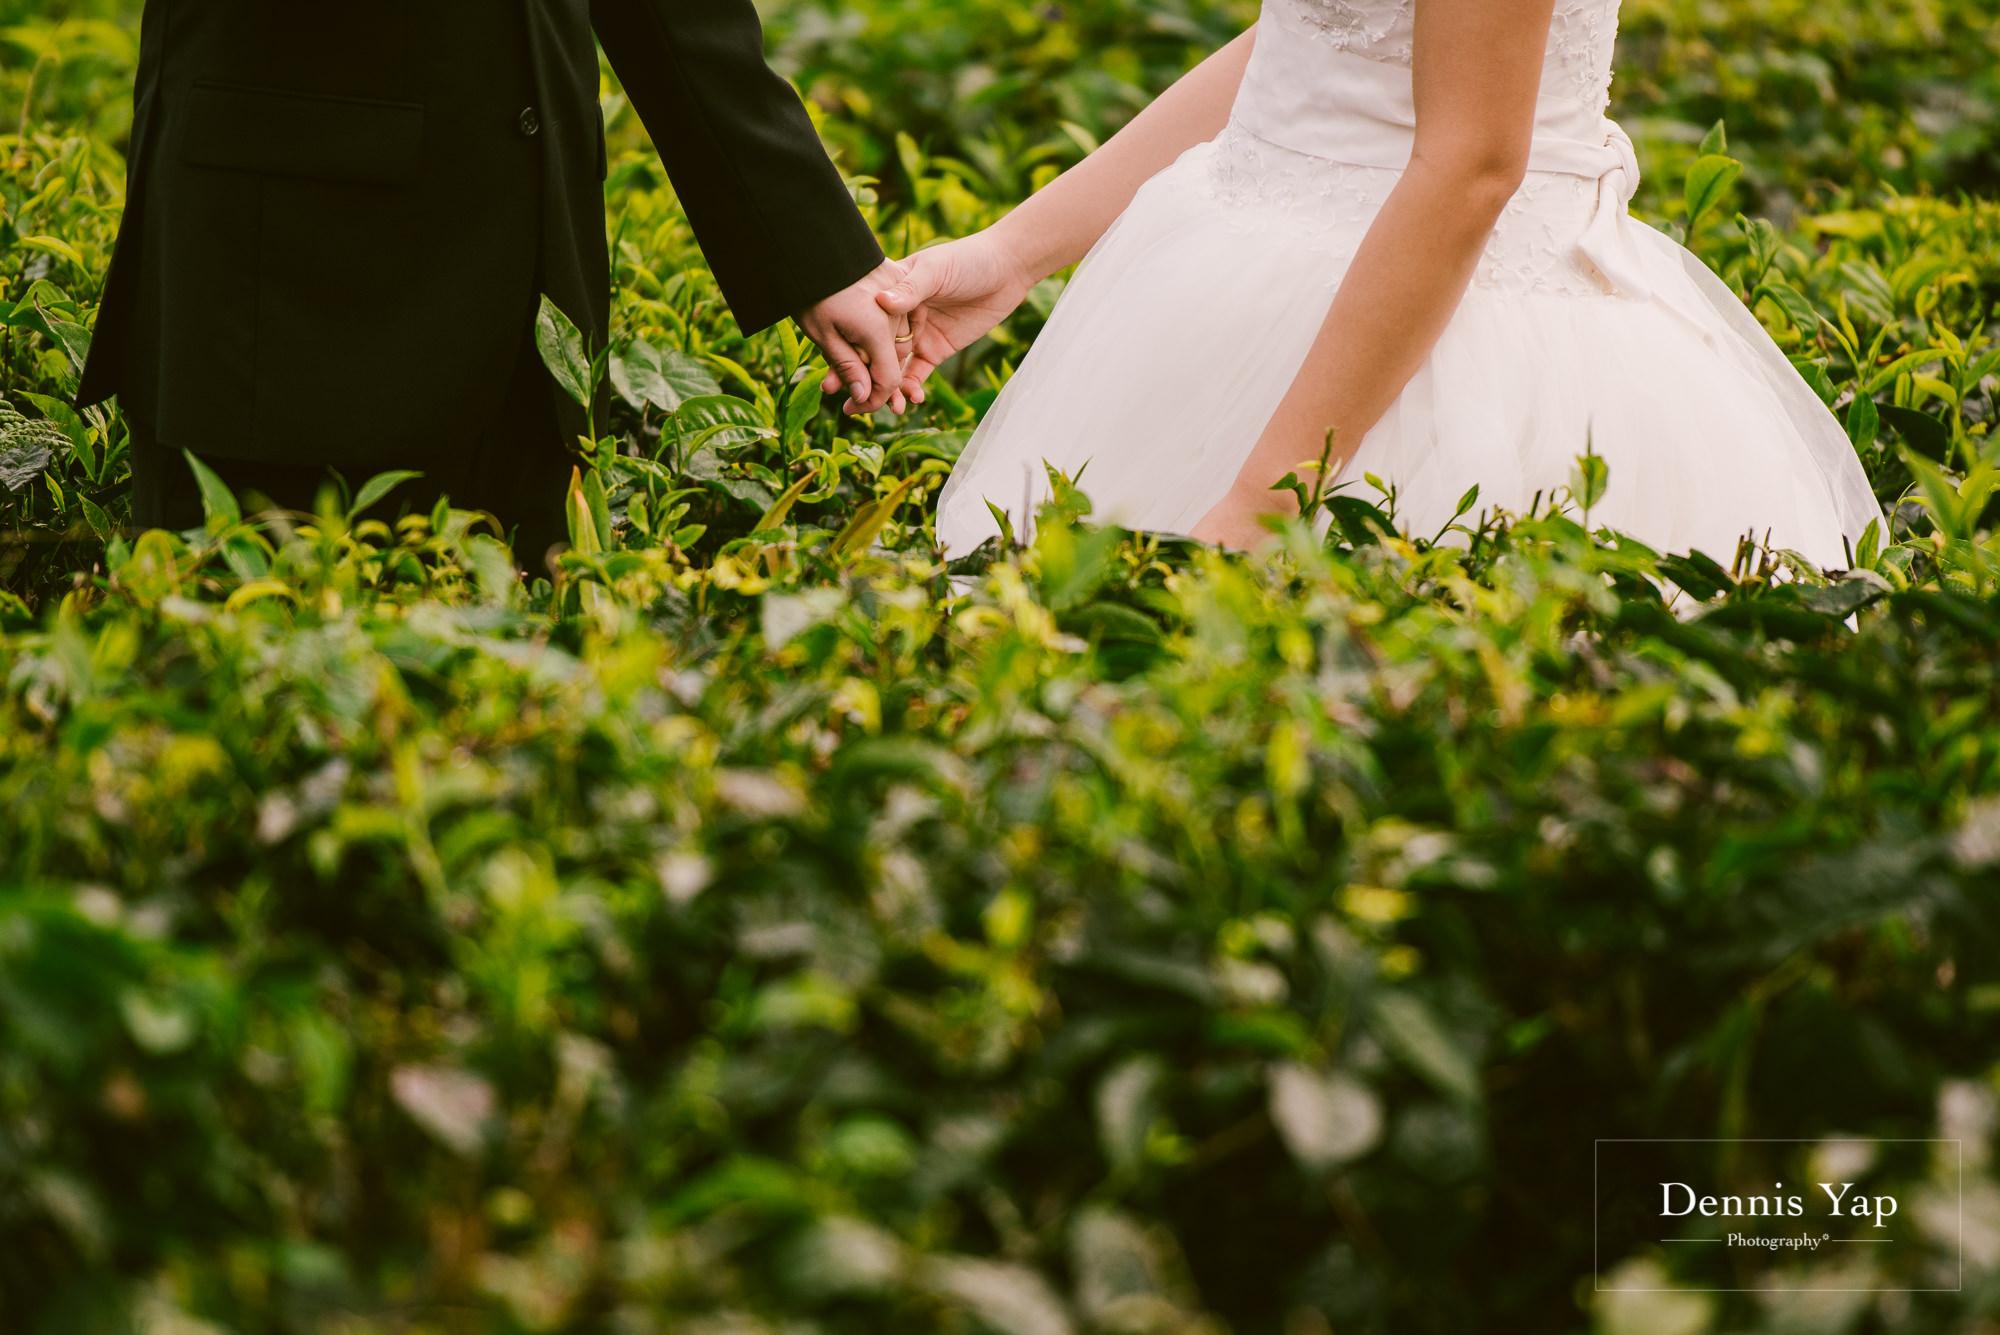 chay xiang alicia pre wedding cameron highland smoke house tea plantation dennis yap photography-2.jpg